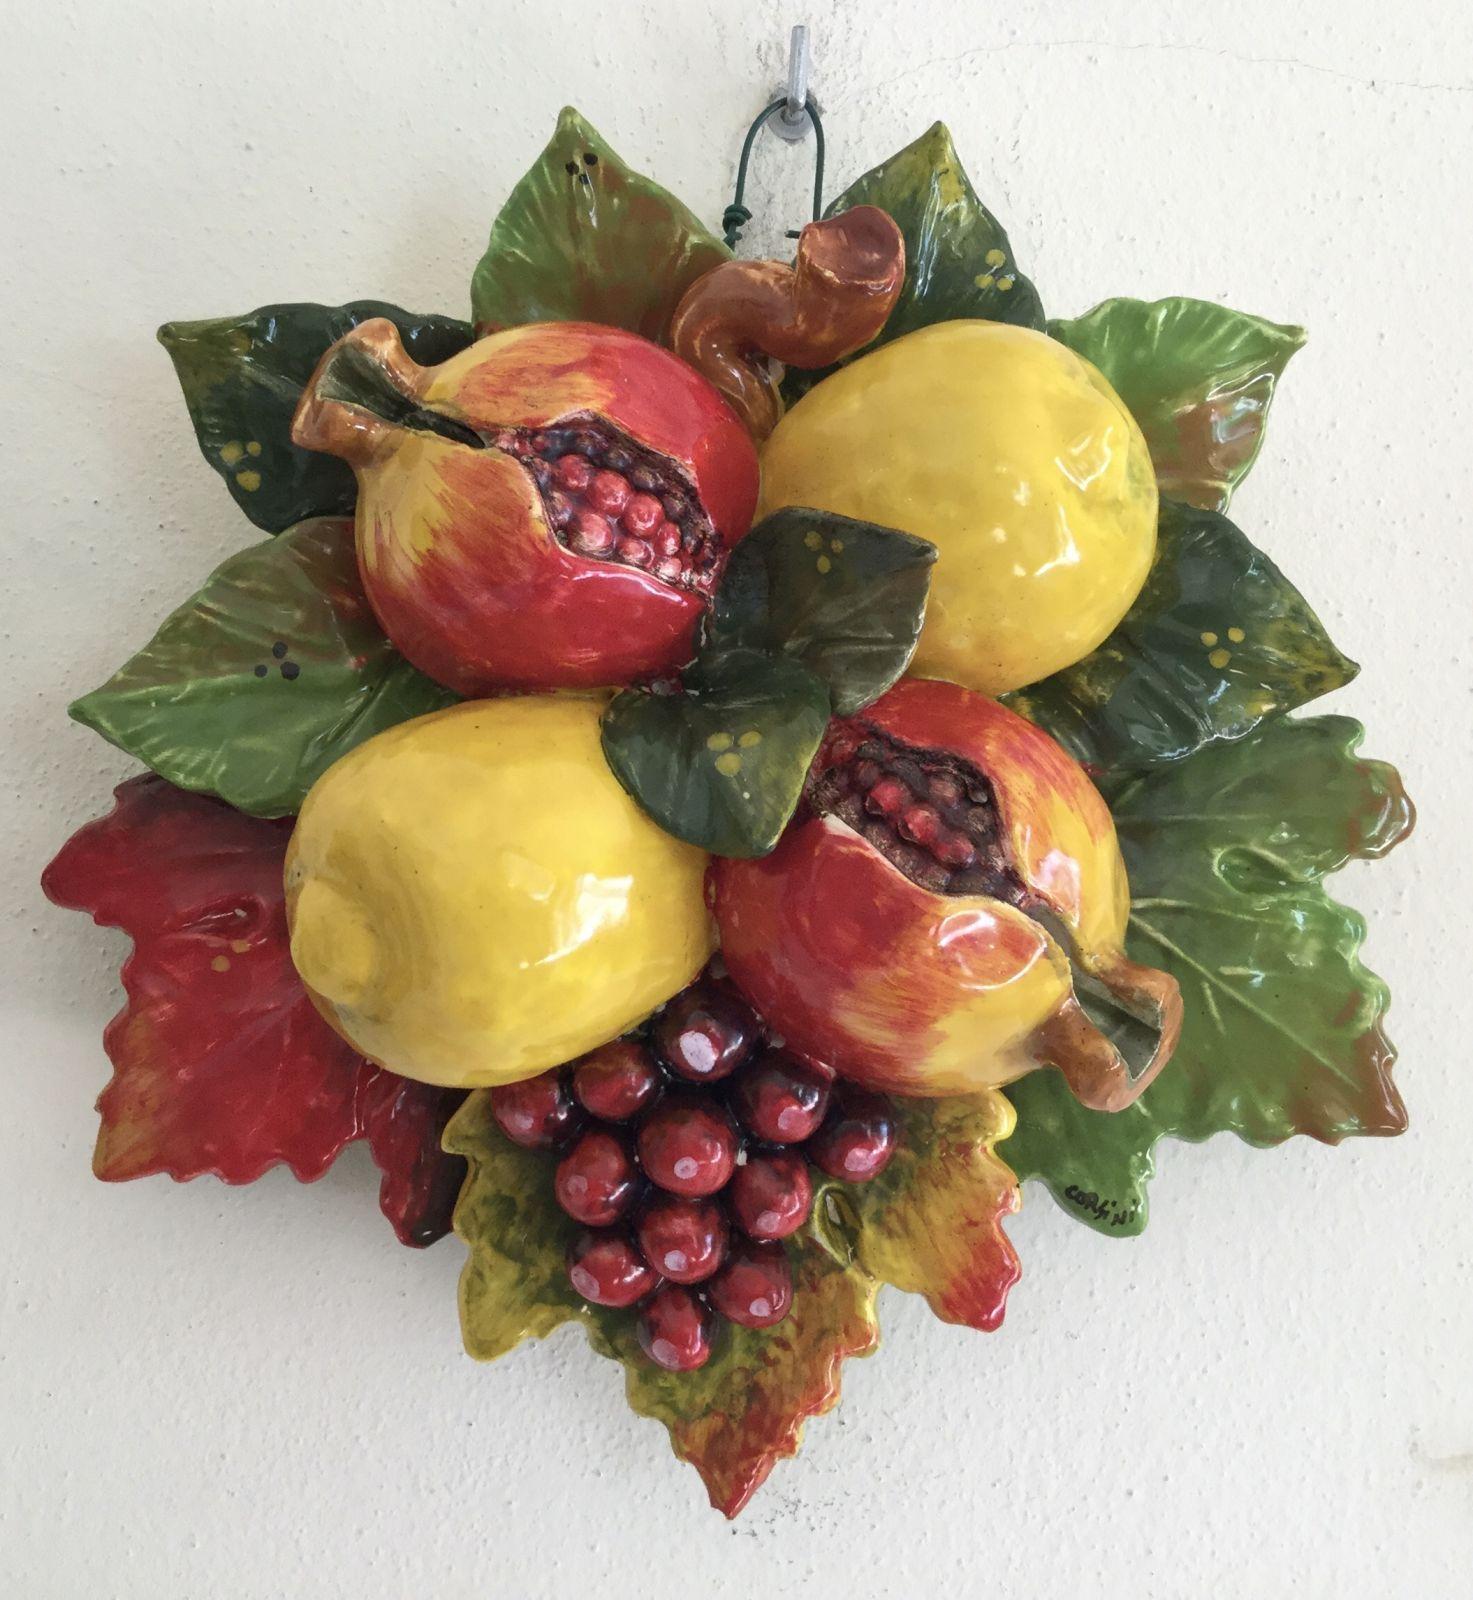 Composizione limoni,melograno,uva  Cm 25x25